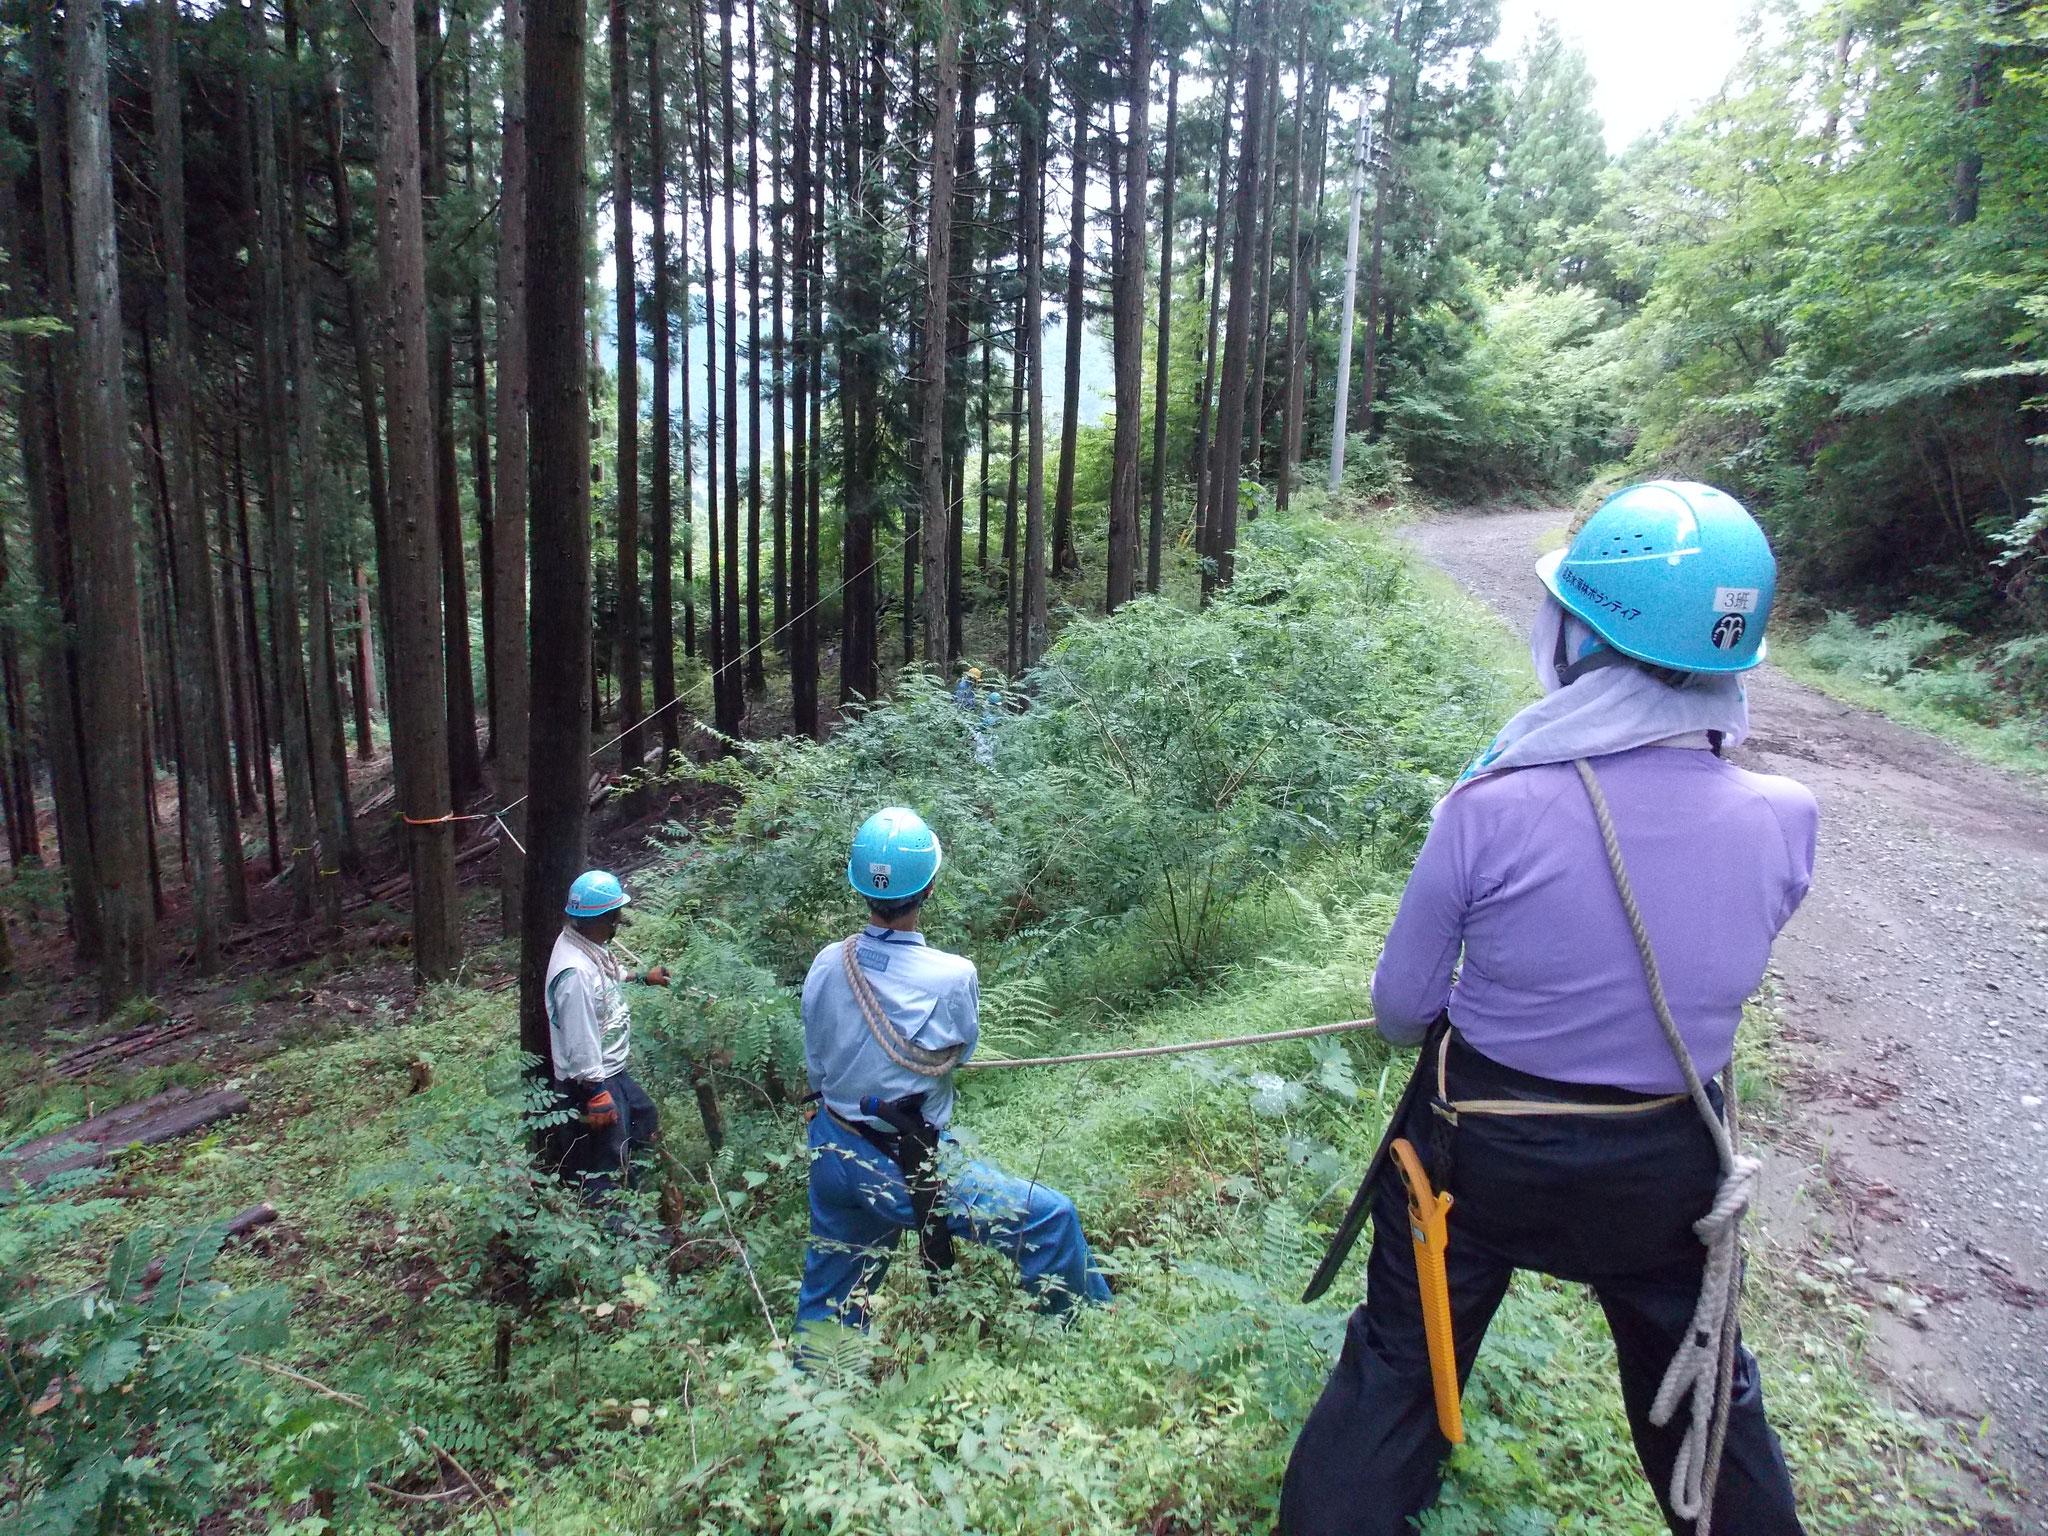 加藤めおとチームのサポートチーム(元気〇の道恵さん・水木さん)がロープ引き